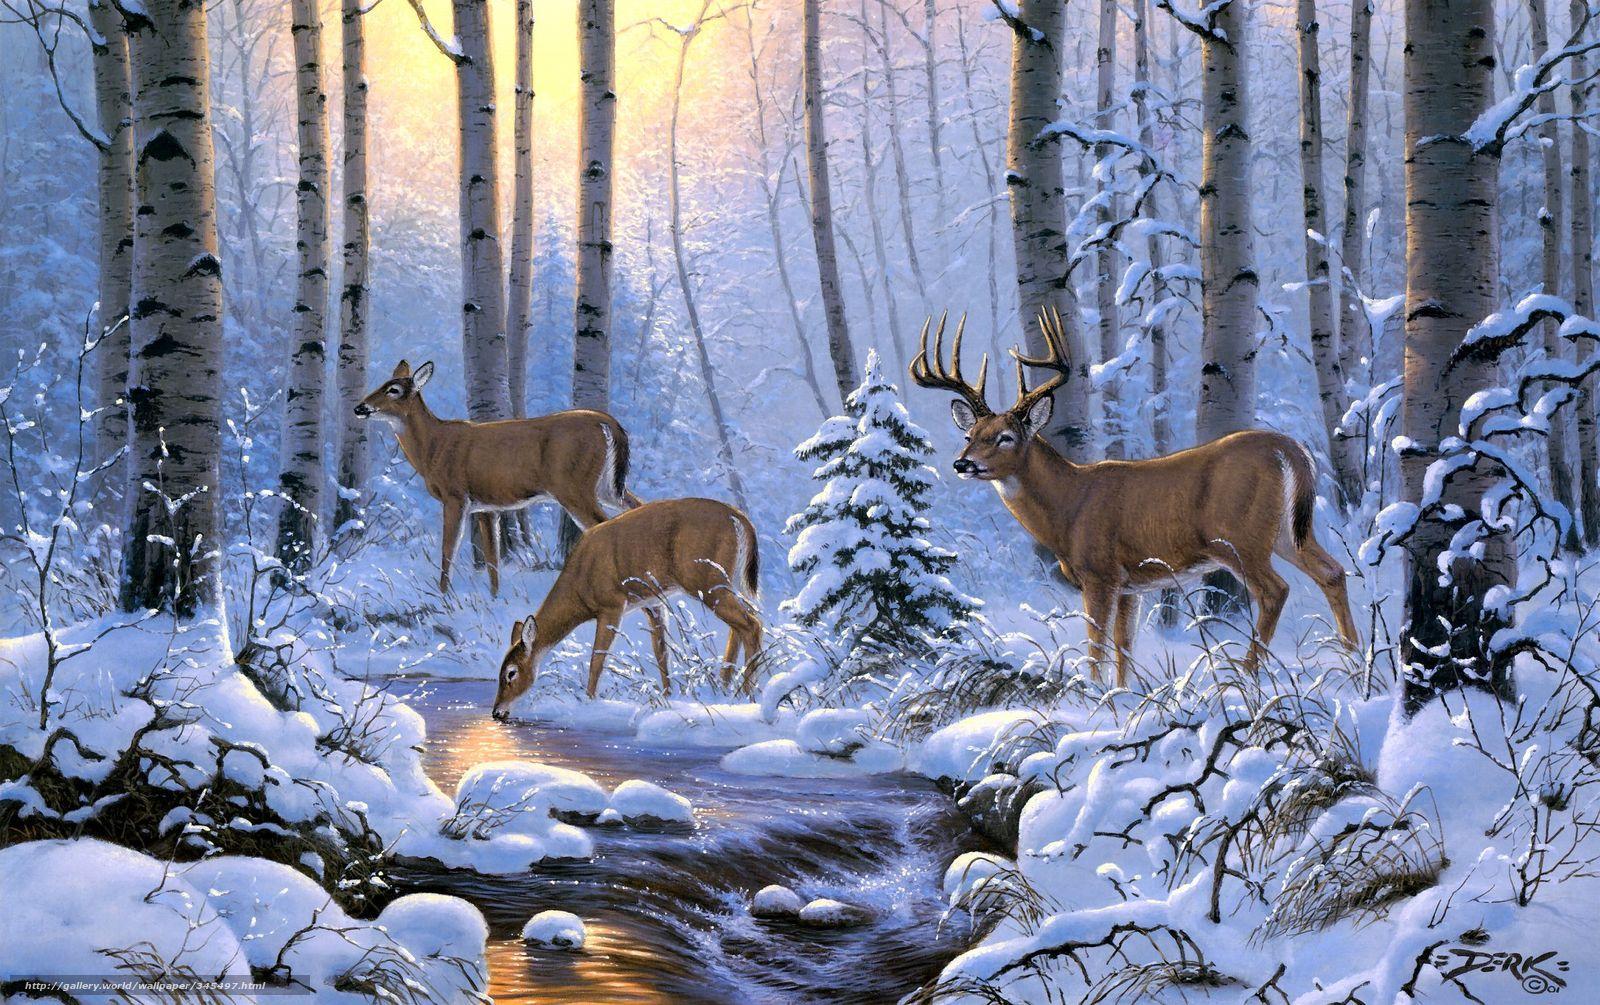 Winter Wallpaper With Deer